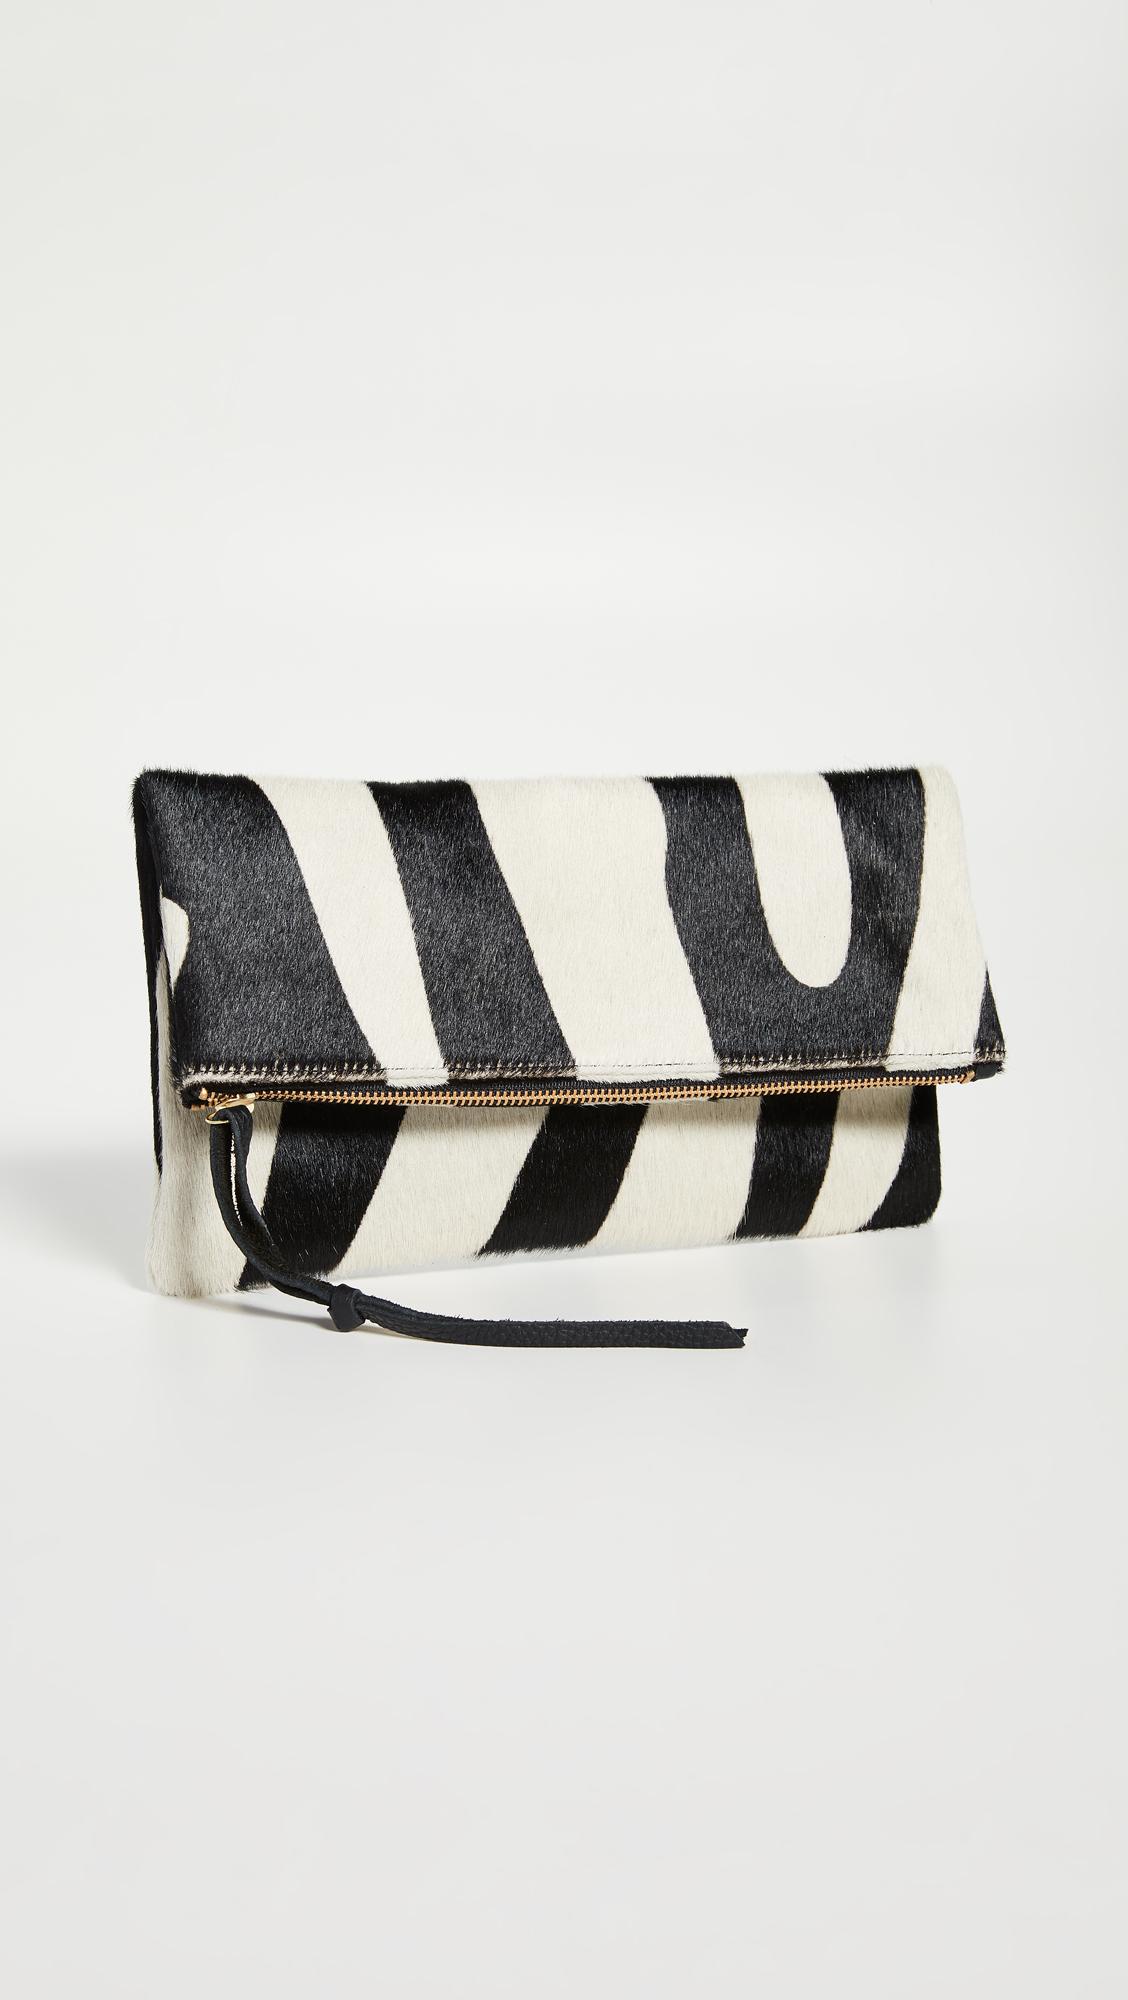 Anastasia Zebra Clutch, $180, Shopbop